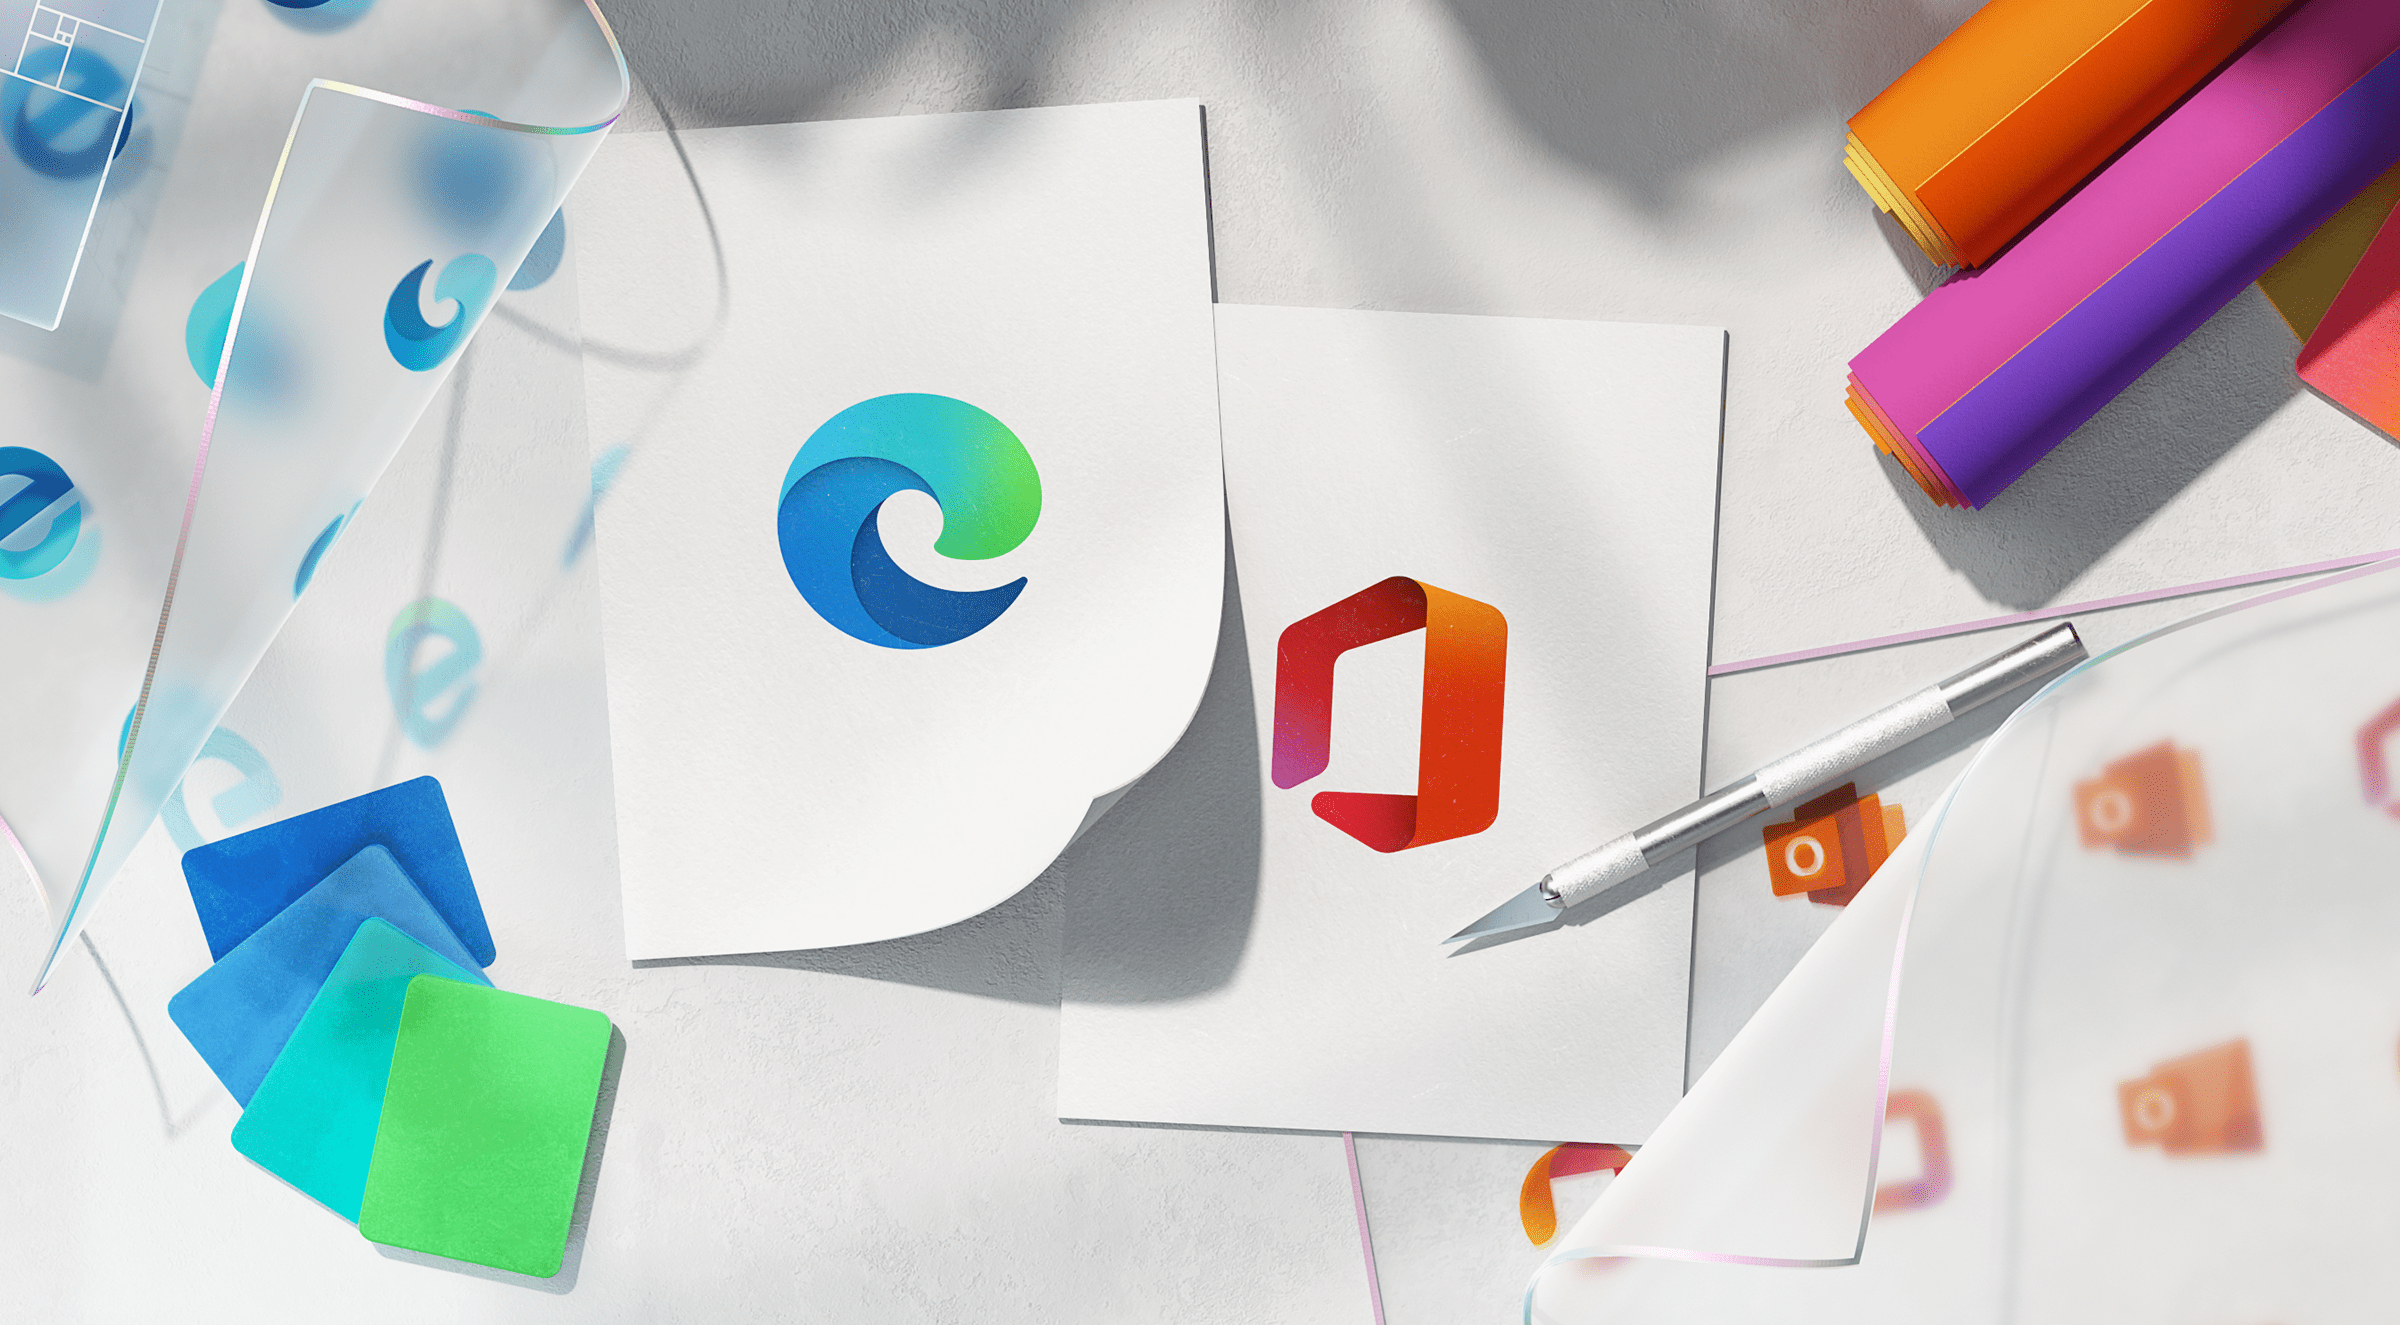 Icone di Microsoft